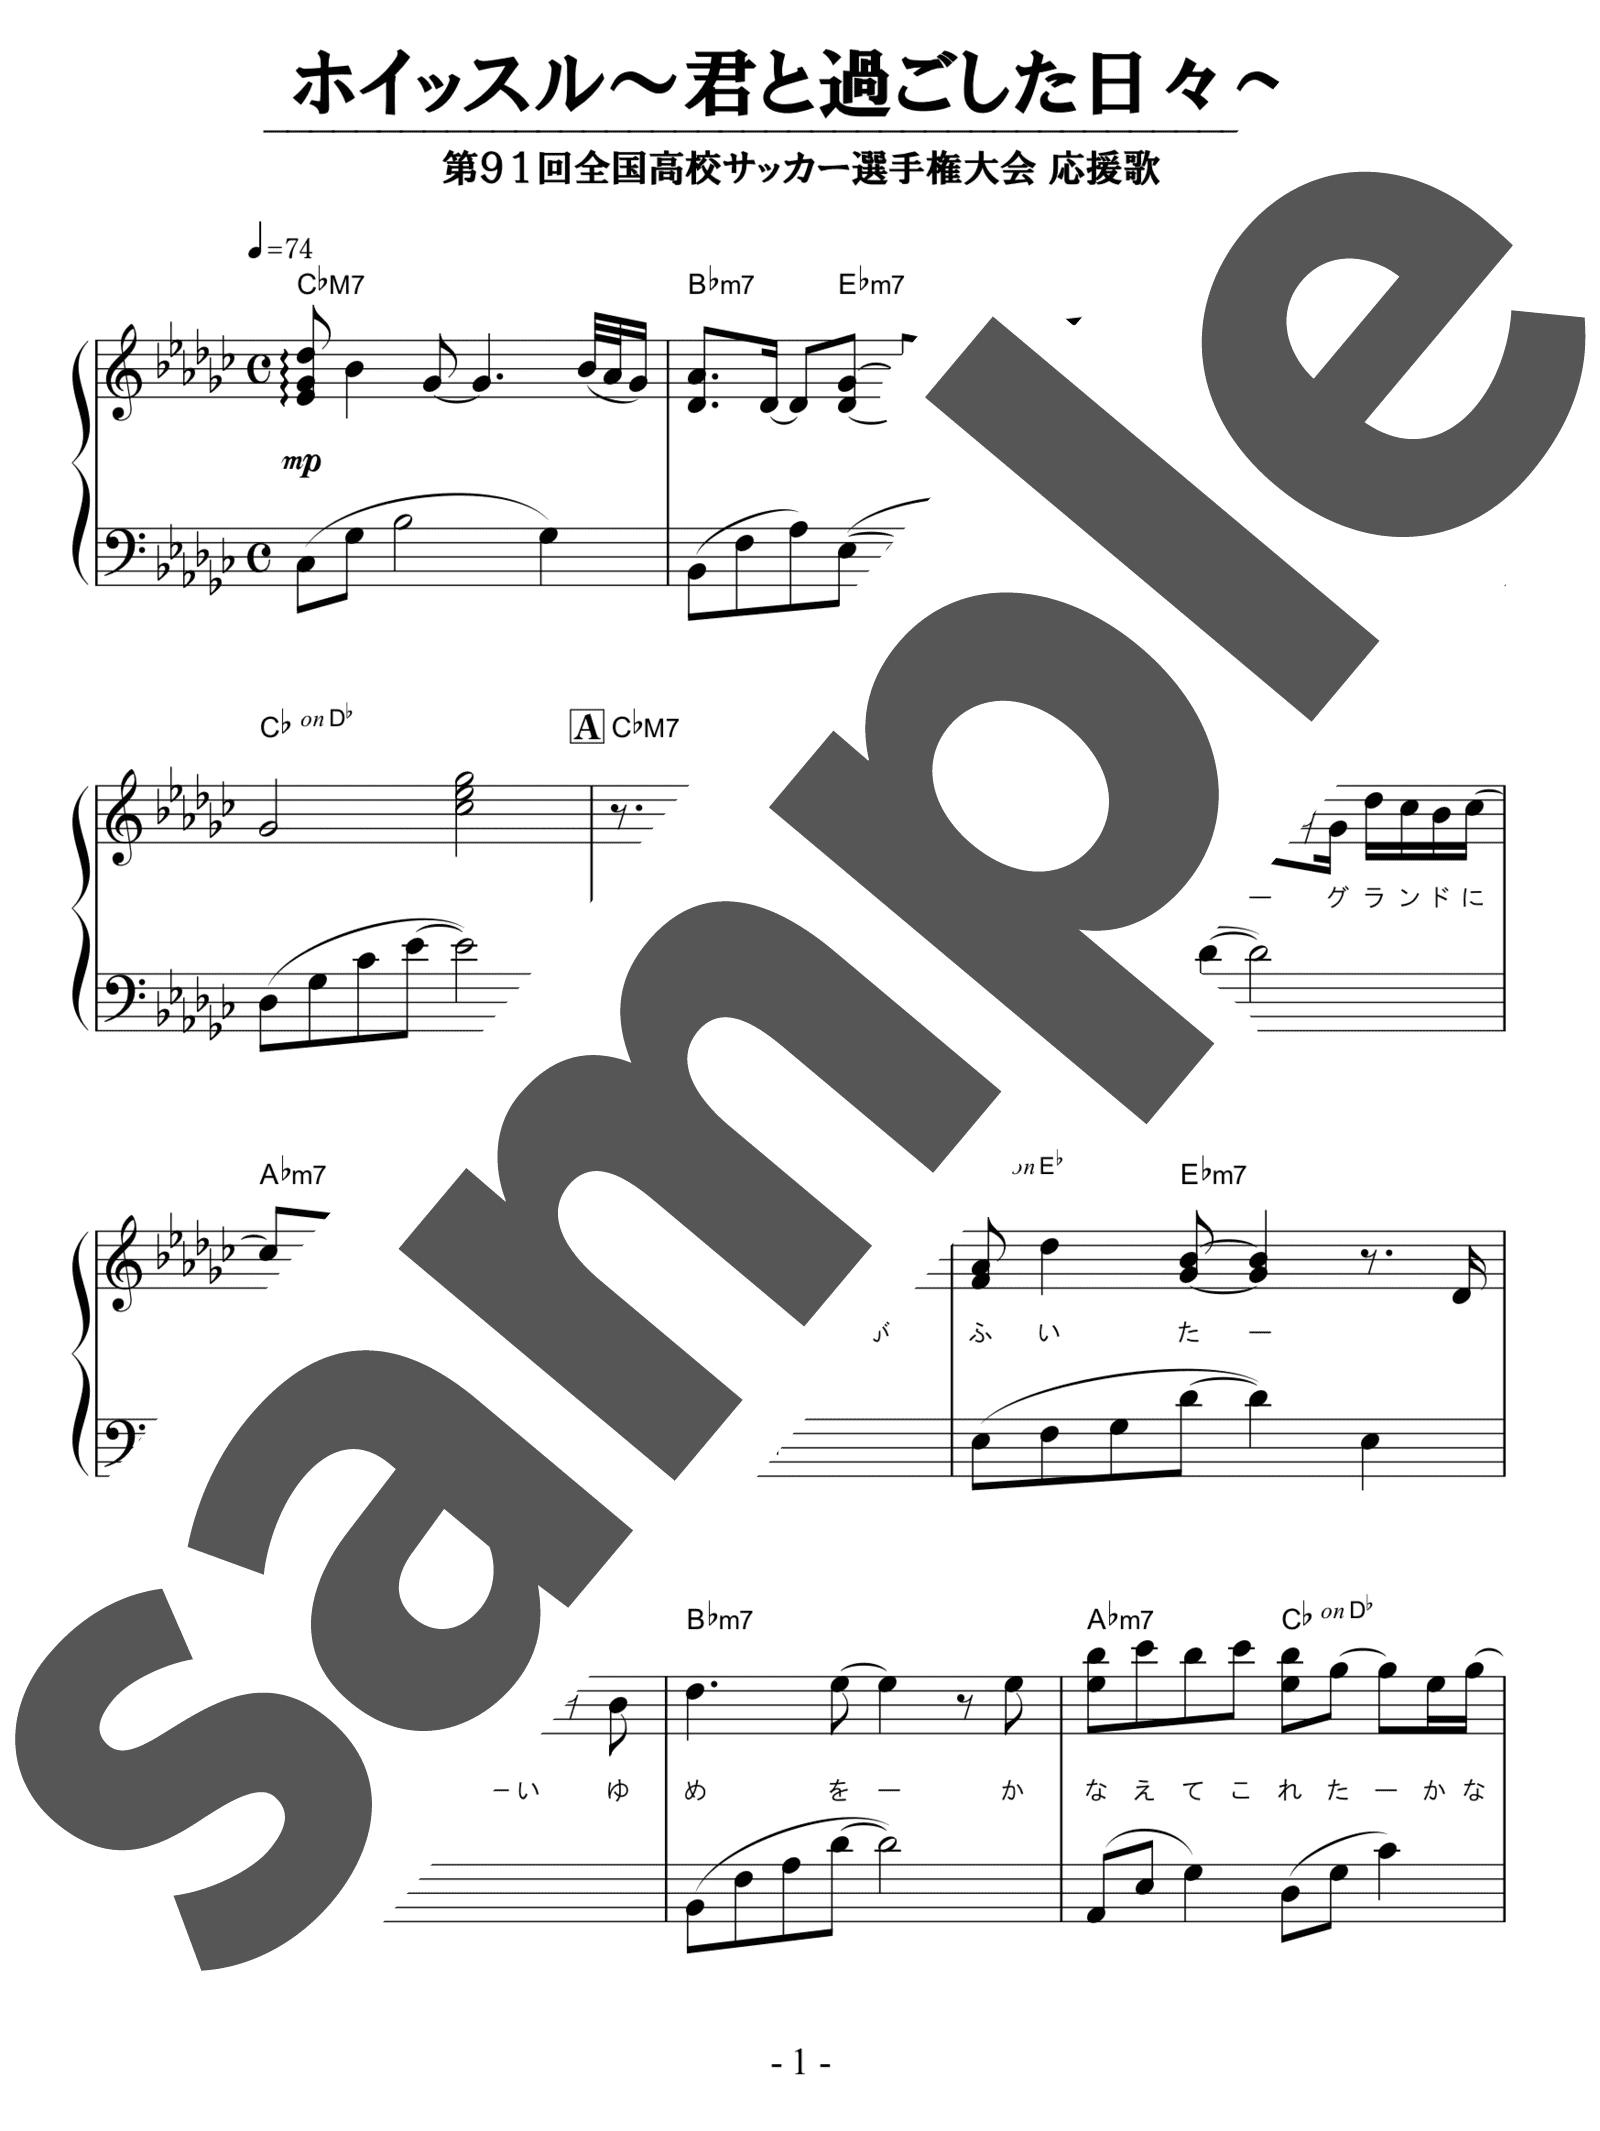 「ホイッスル~君と過ごした日々~」のサンプル楽譜